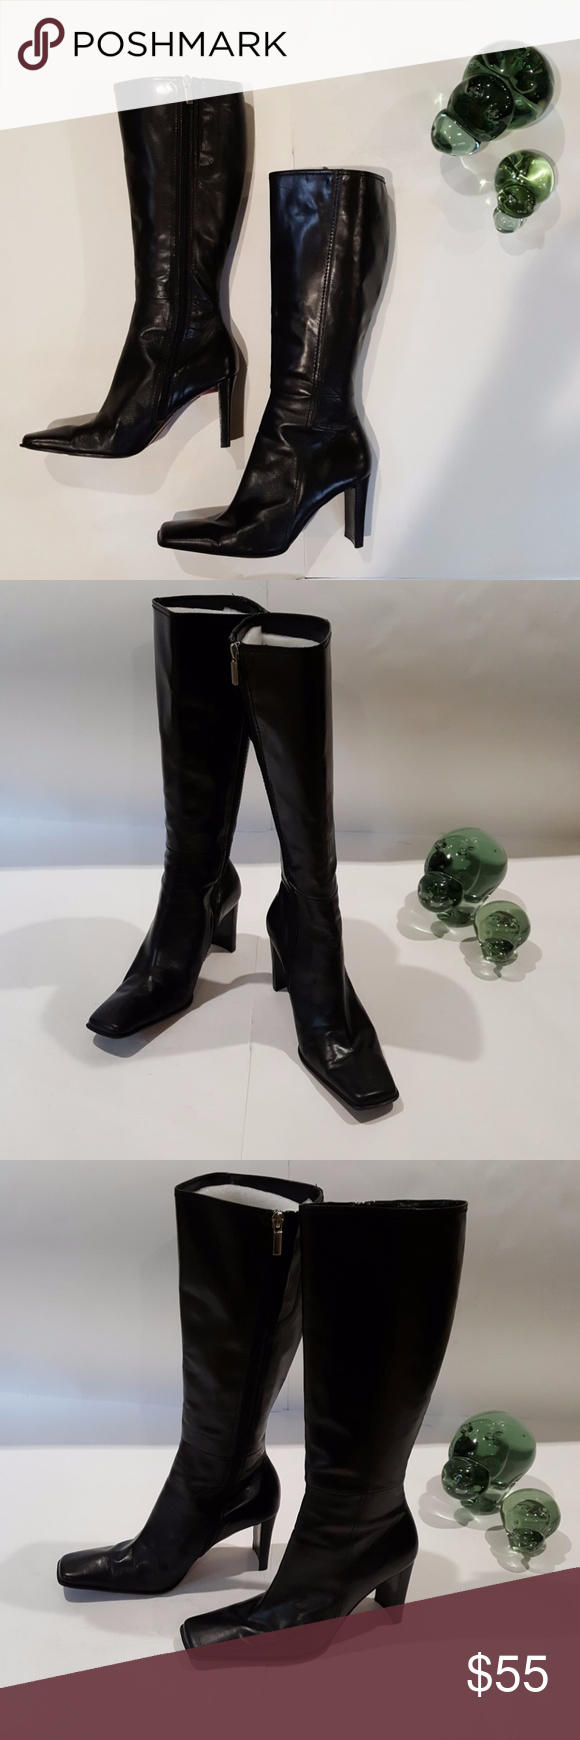 Bodycon dress knee high boots nine west manufacturer turkey